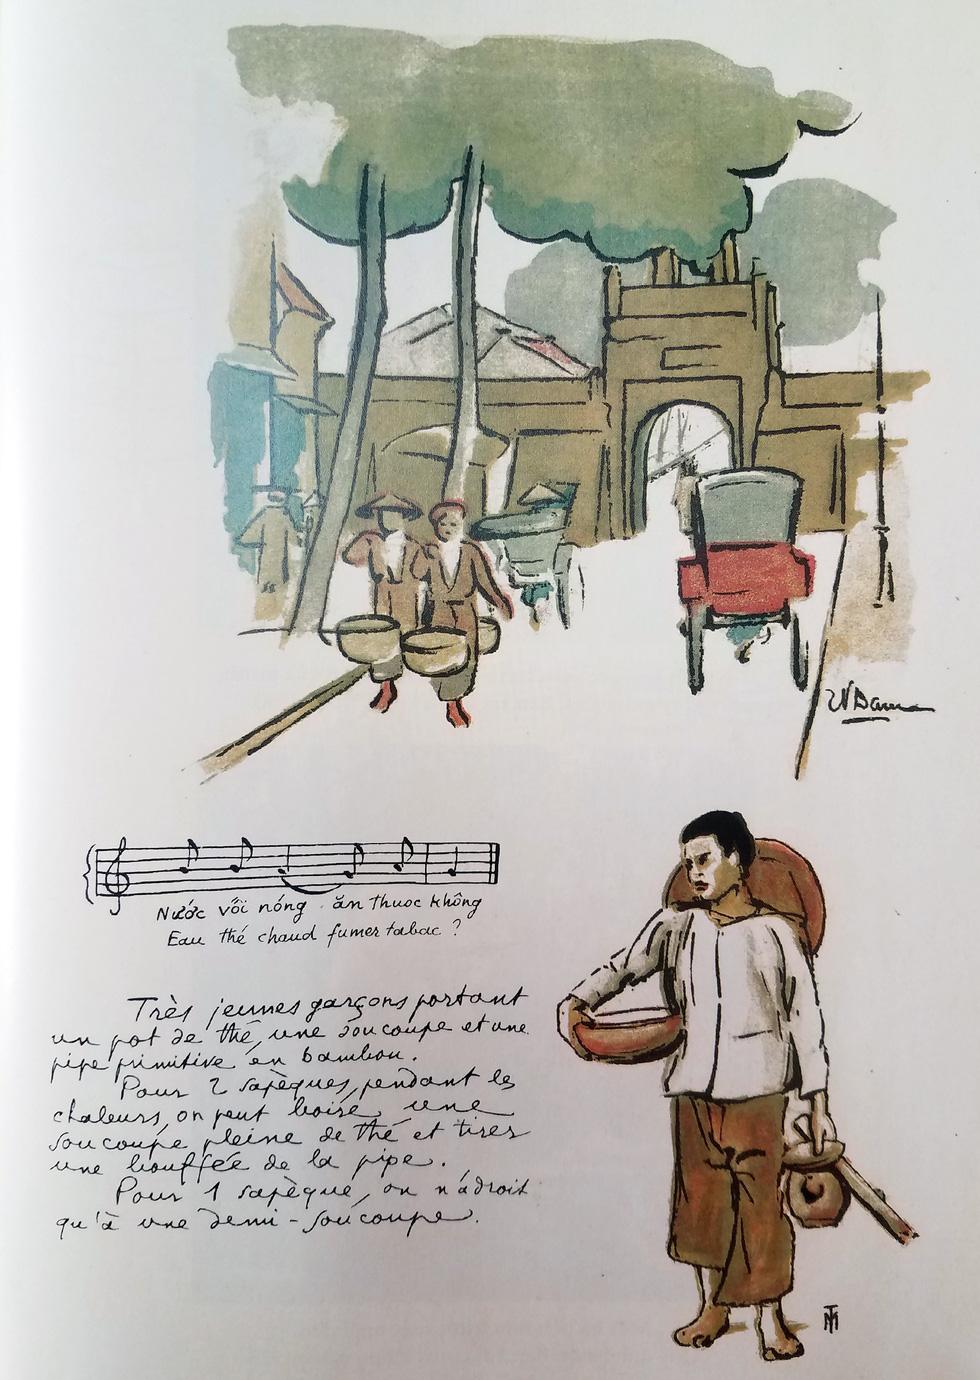 Ngắm hàng rong và nghe tiếng rao hàng trên phố Hà Nội xưa - Ảnh 10.